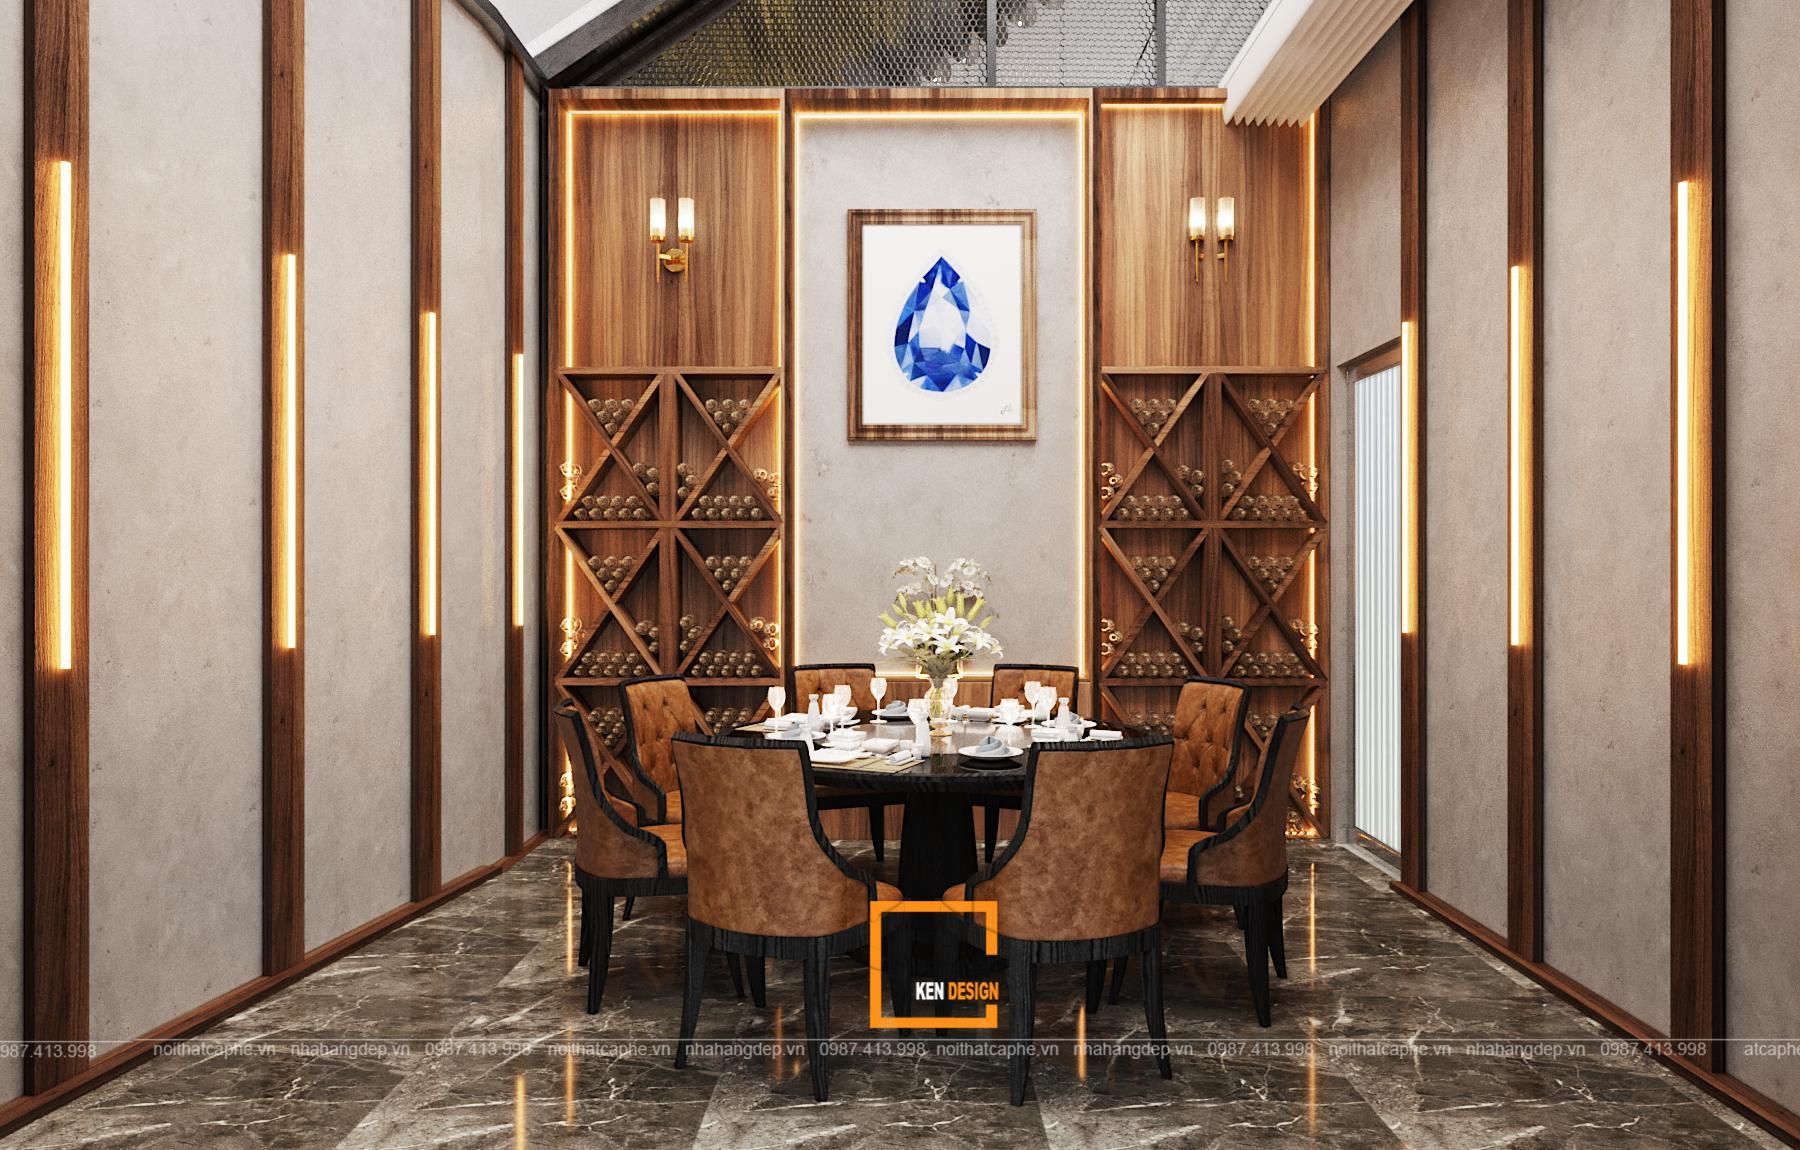 f82791c14770a12ef861 1 1 1 - Thiết kế nhà hàng Sapphire - sự kết hợp hoàn hảo giữa phong cách Industrial và Rustic